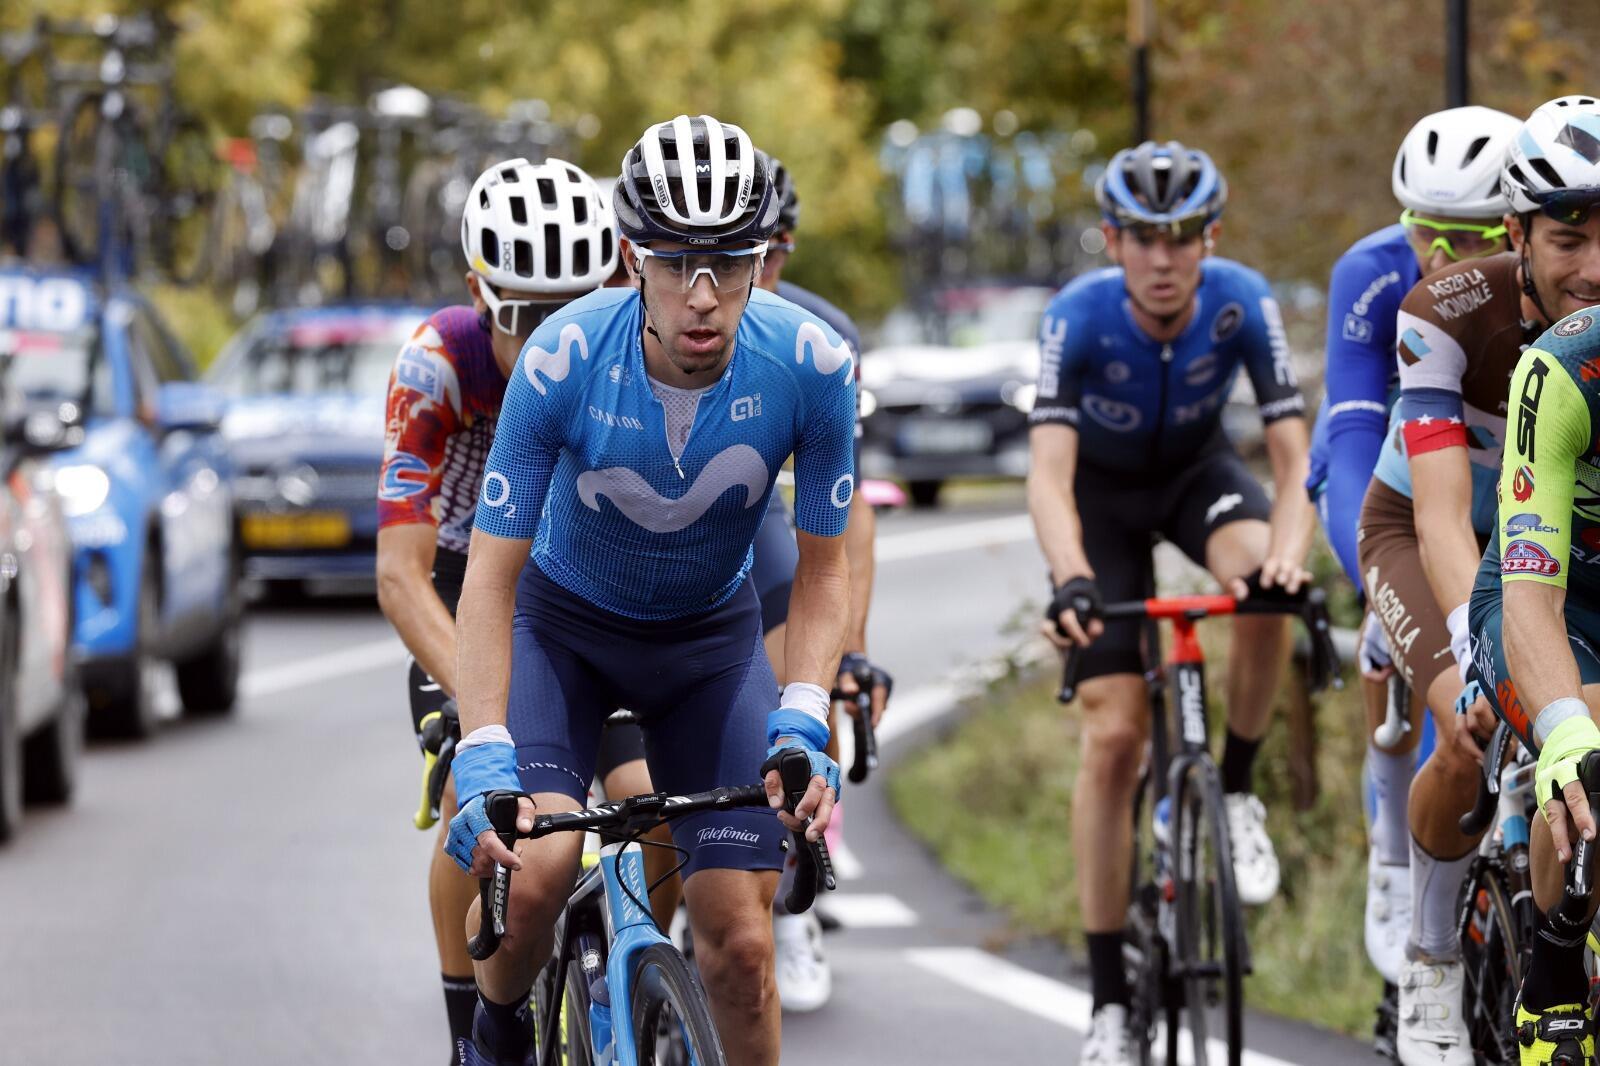 """""""¡Hoy sí que fue duro llegar a la fuga!"""", Eduardo Sepúlveda, corredor argentino de Movistar que hizo parte de la escapada de la 9ª etapa del Giro de Italia entre San Salvo y Roccaraso. 11 de octubre de 2020."""